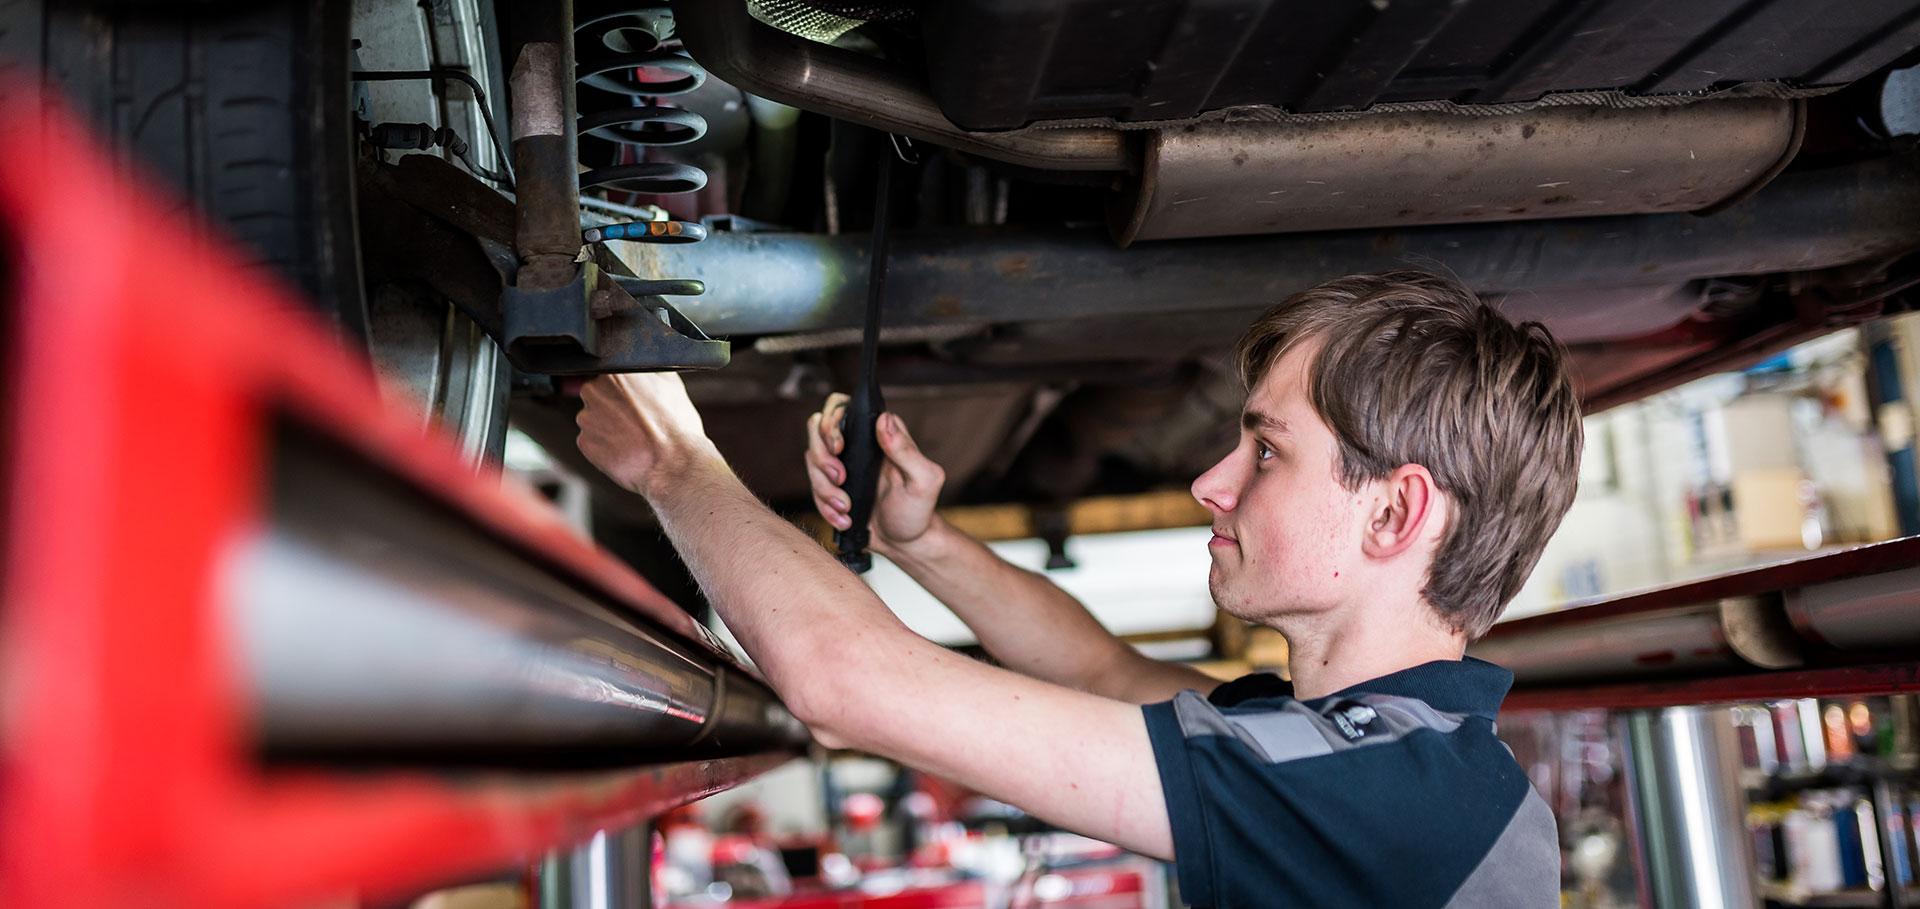 Onderhoud bij Autobedrijf Baltes